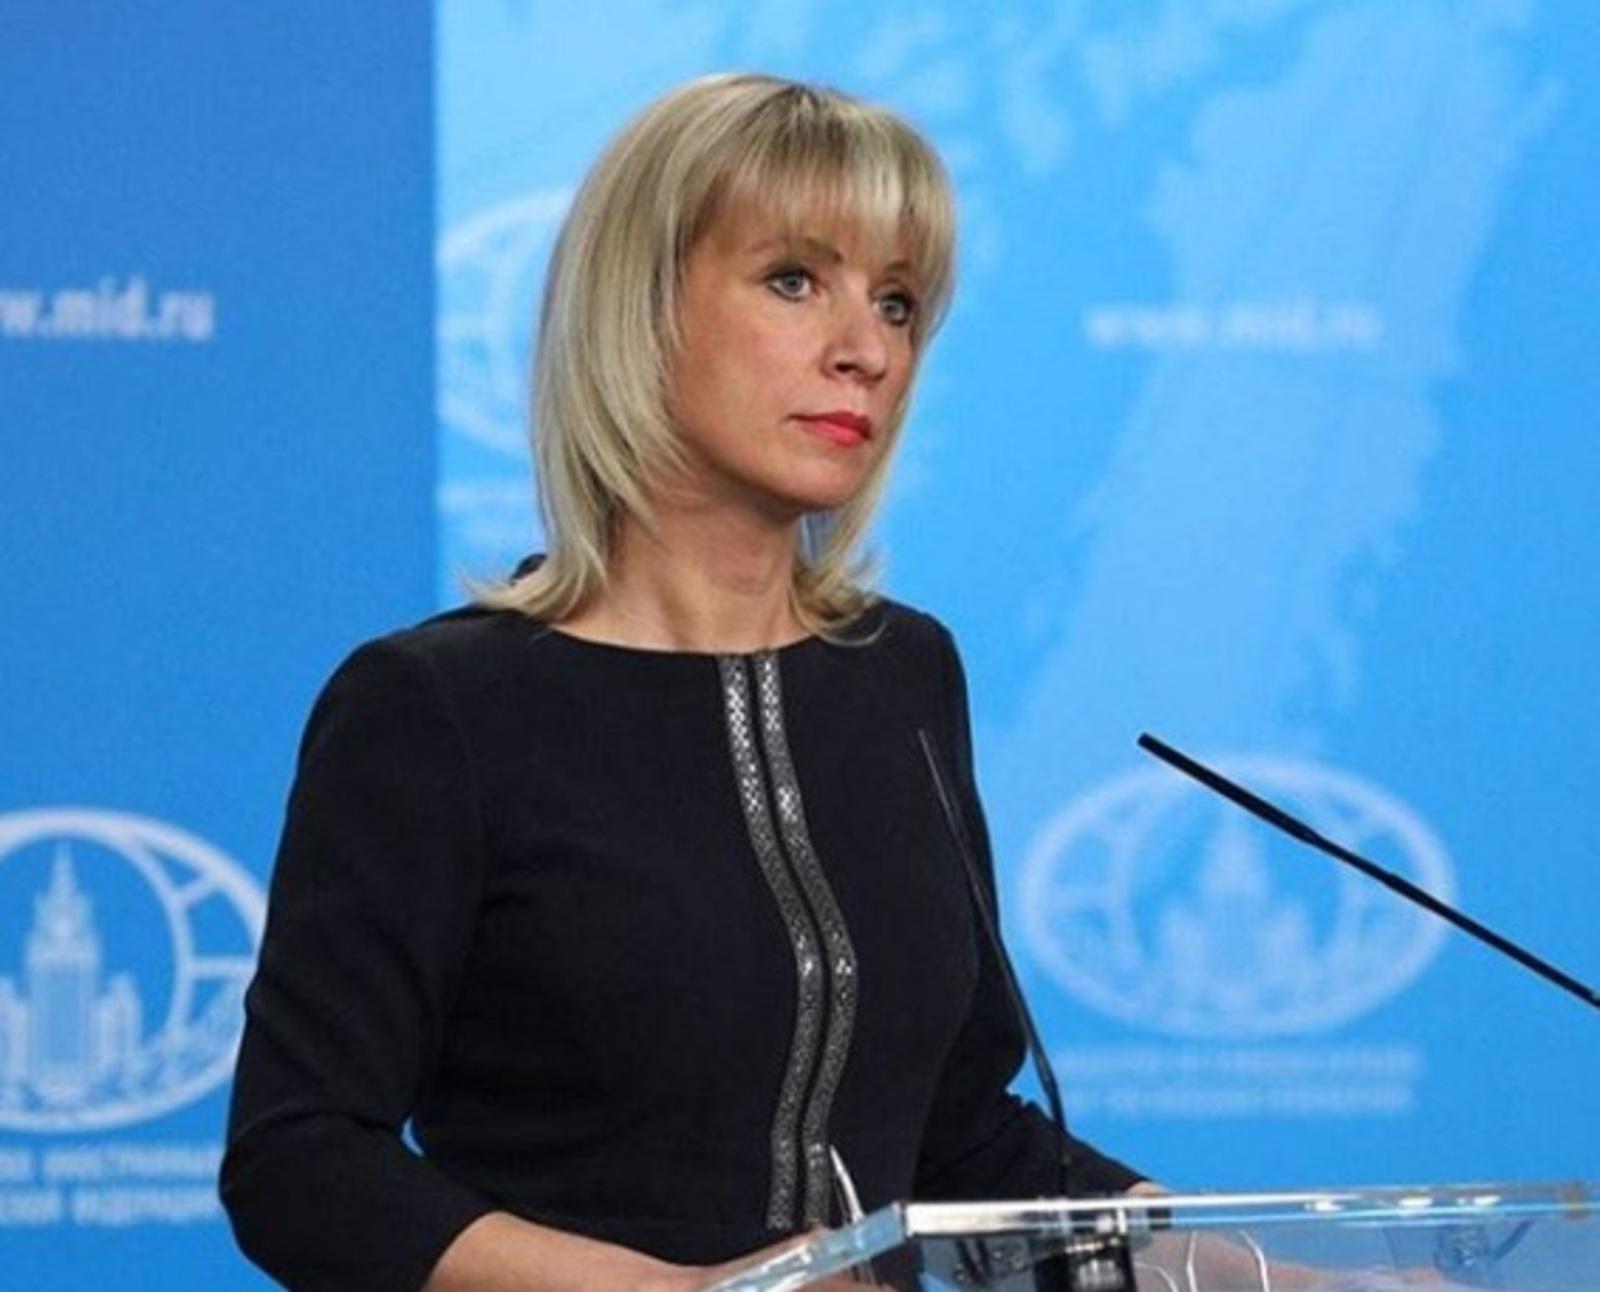 Мария Захарова подчеркнула, что данные коалиции о химоружии основаны на информации СМИ / https://www.instagram.com/mid.rus/